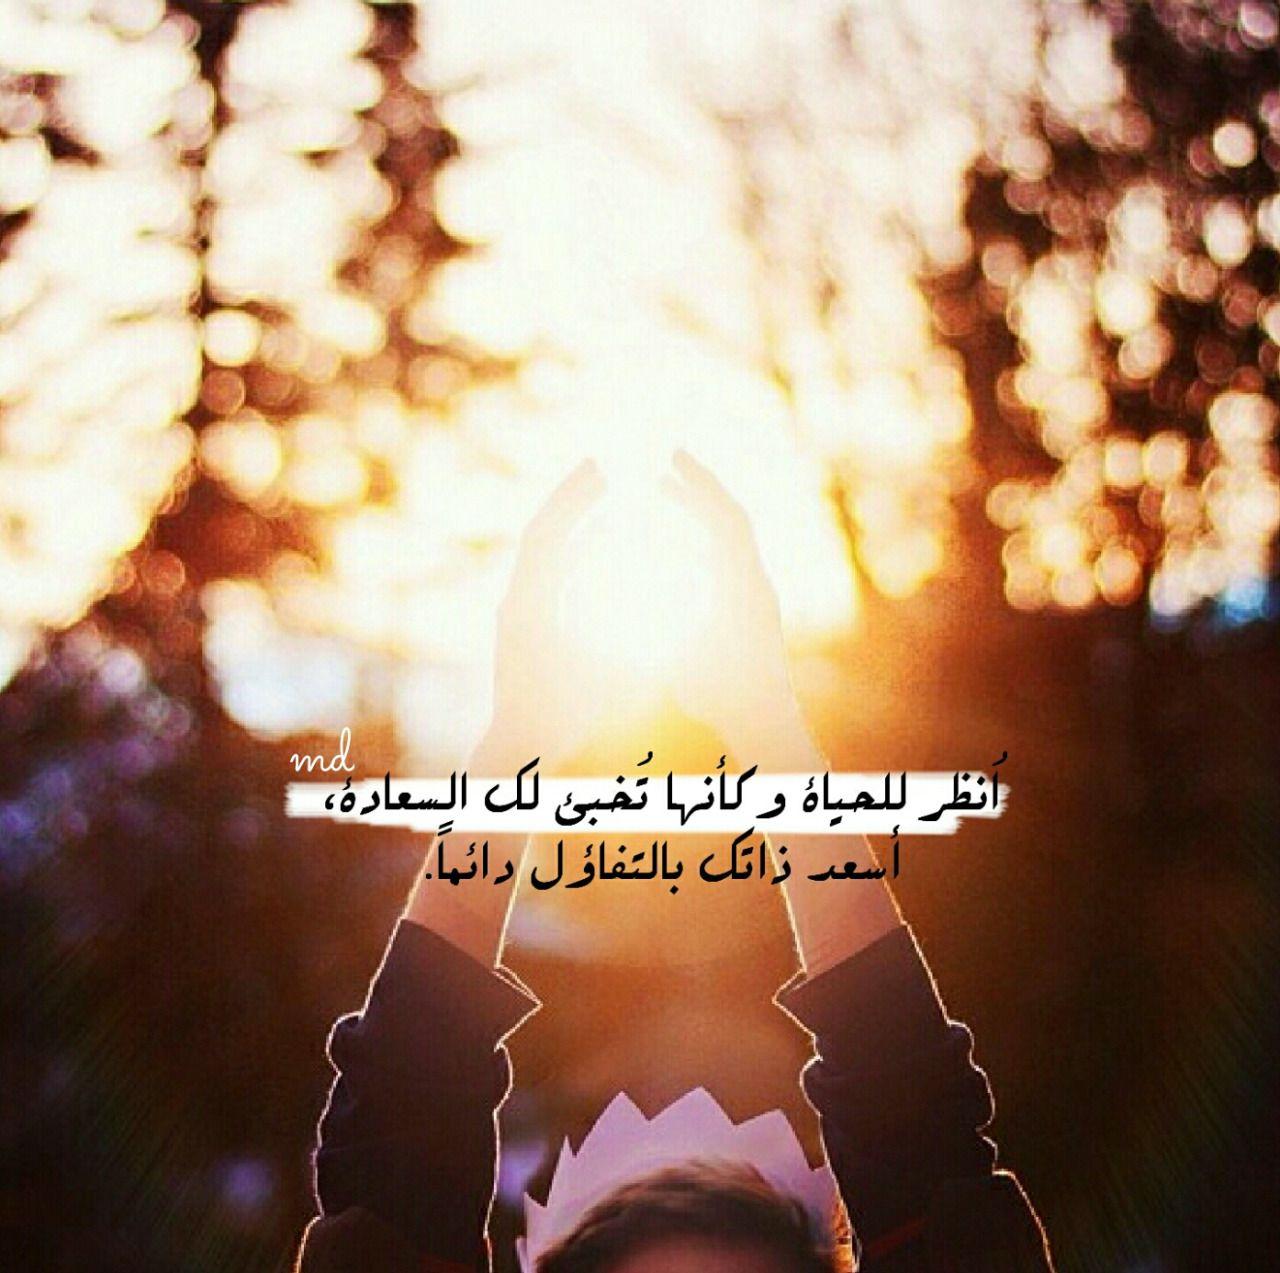 بالصور صور عن السعاده , السعاده فى كلمه فى صوره 165 9